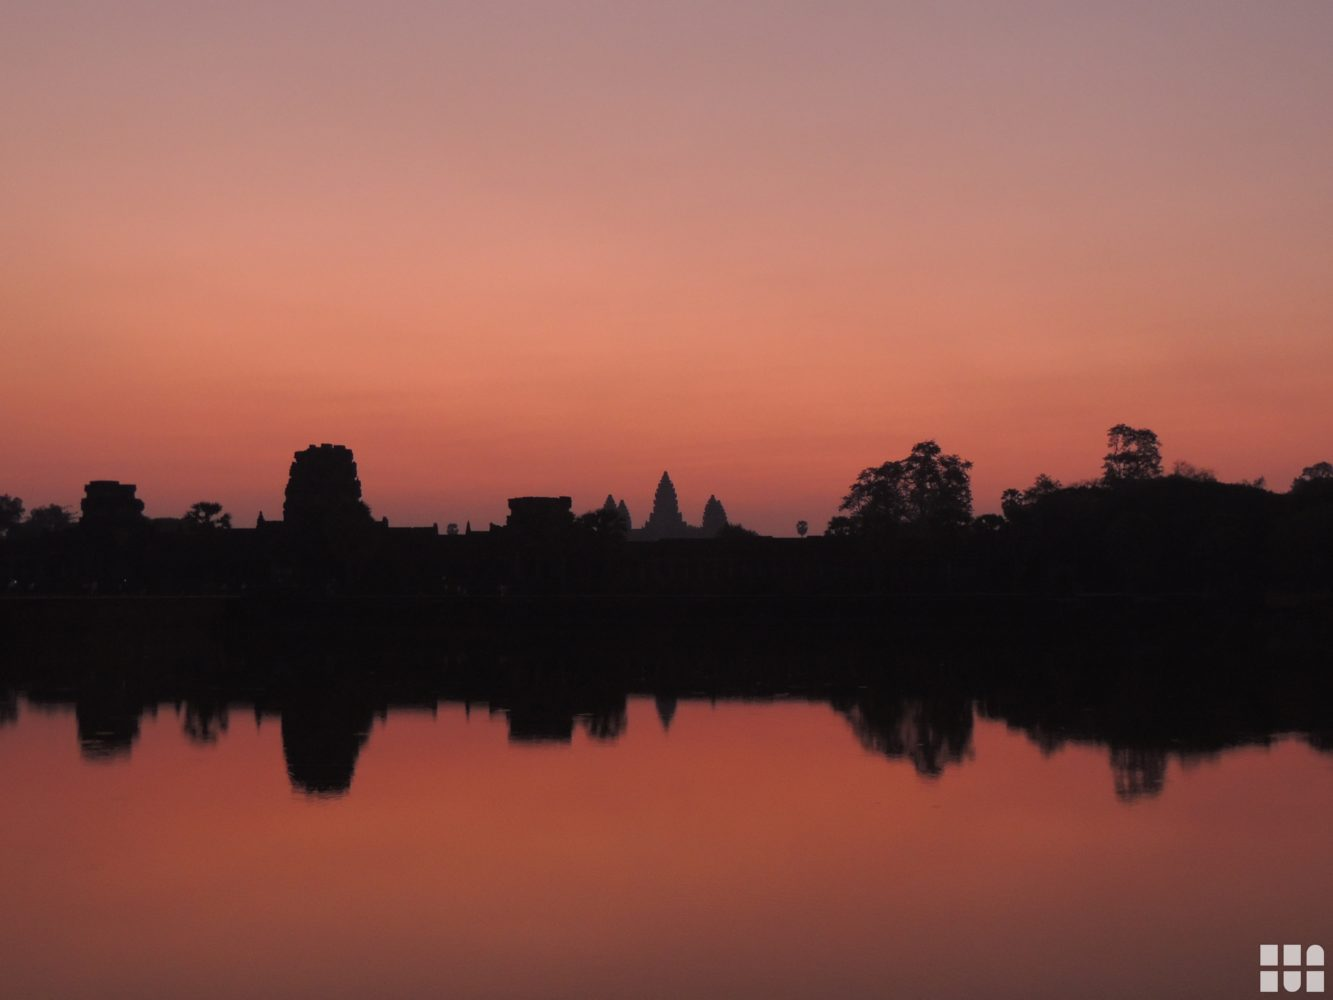 Tempel von Angkor Wat ©Touristikerfotos.net